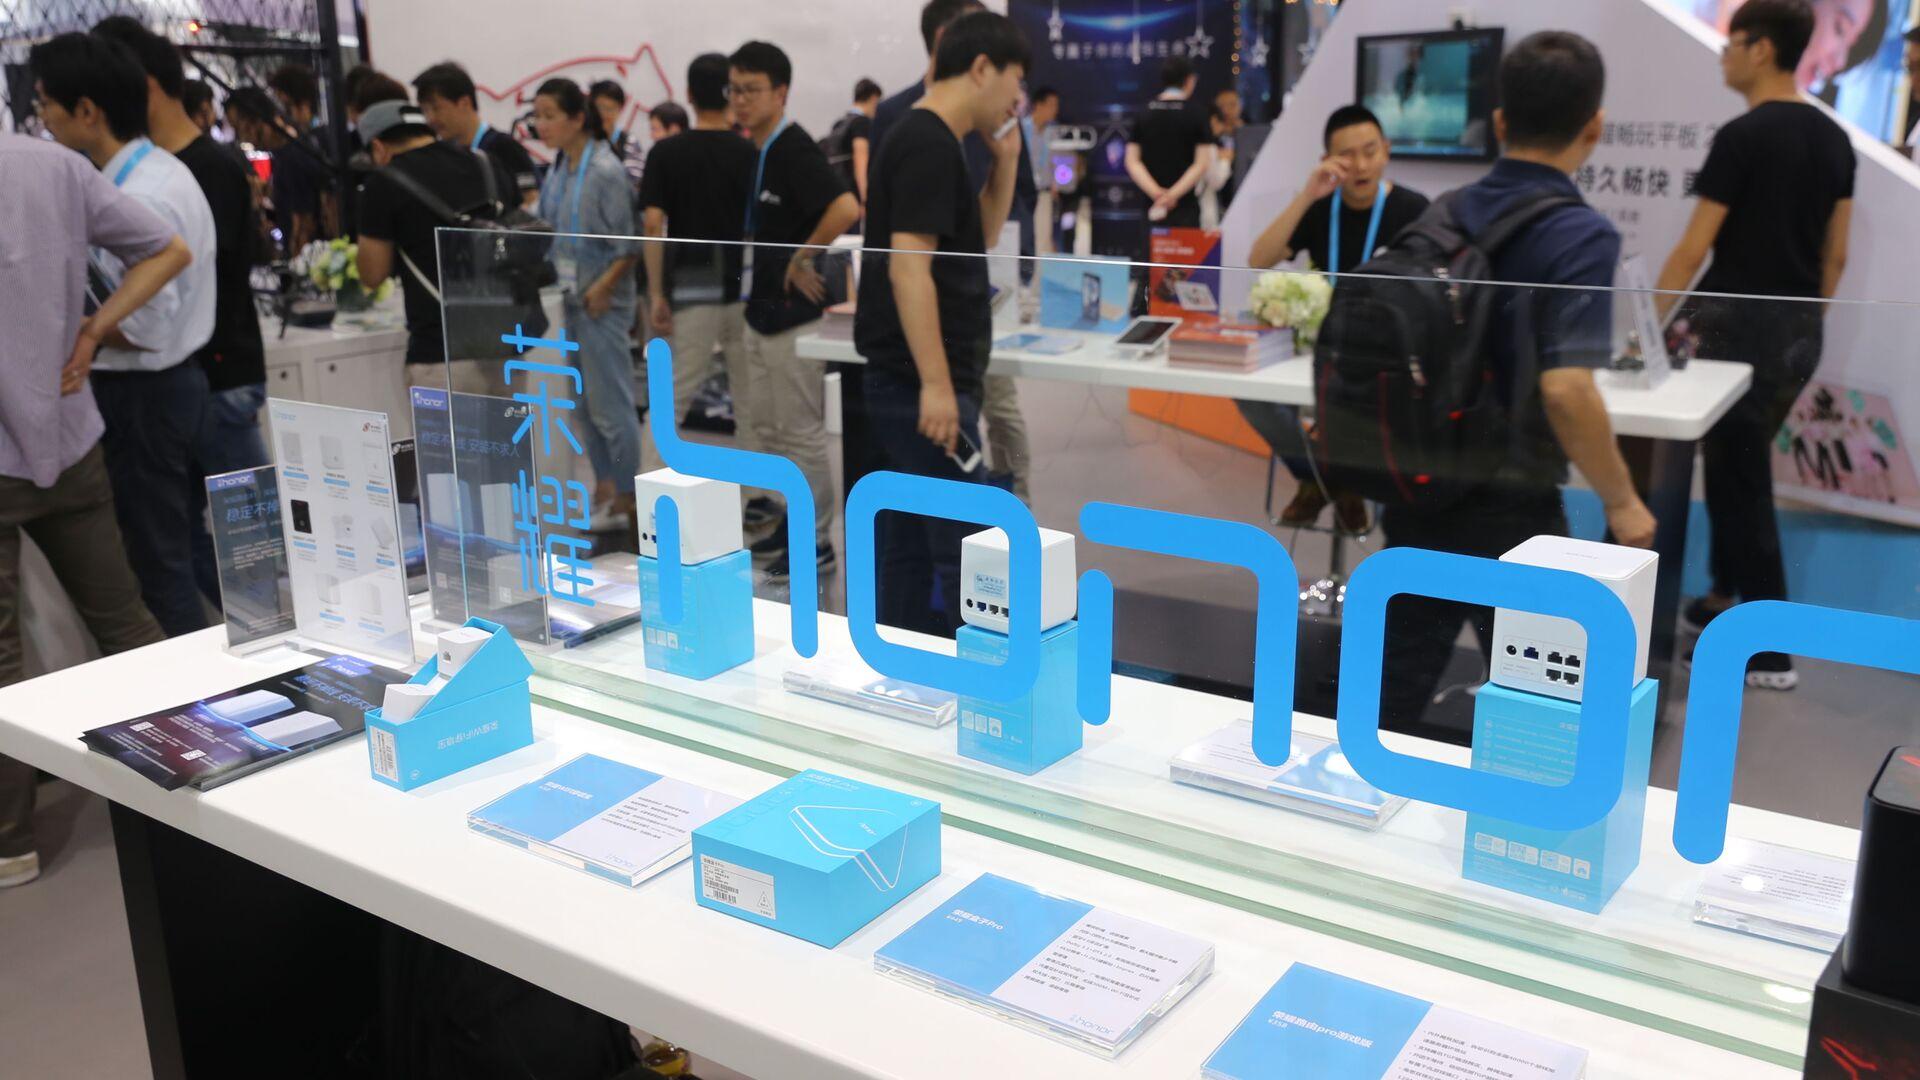 Điện thoại thông minh Honor được trưng bày tại Triển lãm Điện tử Tiêu dùng Quốc tế Thượng Hải, Trung Quốc - Sputnik Việt Nam, 1920, 24.09.2021